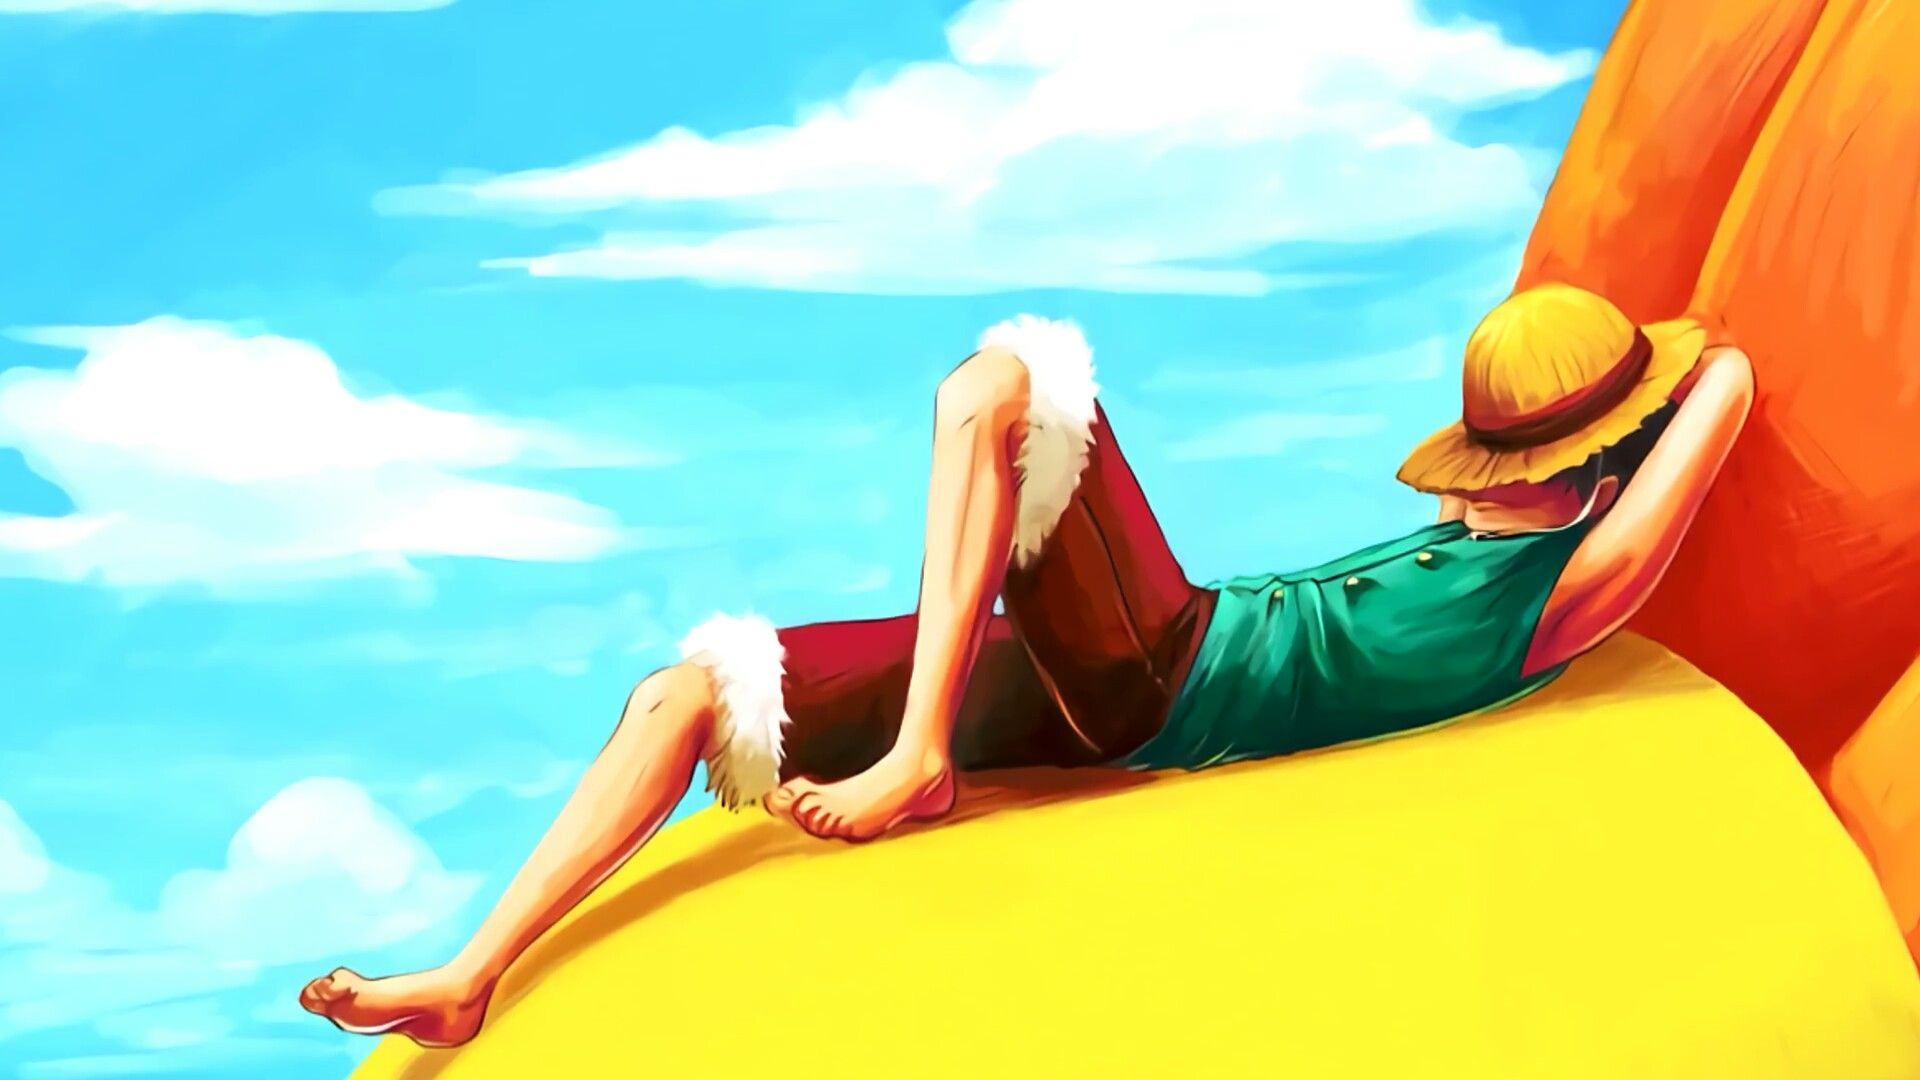 One Piece Wallpaper, Luffy Wallpaper